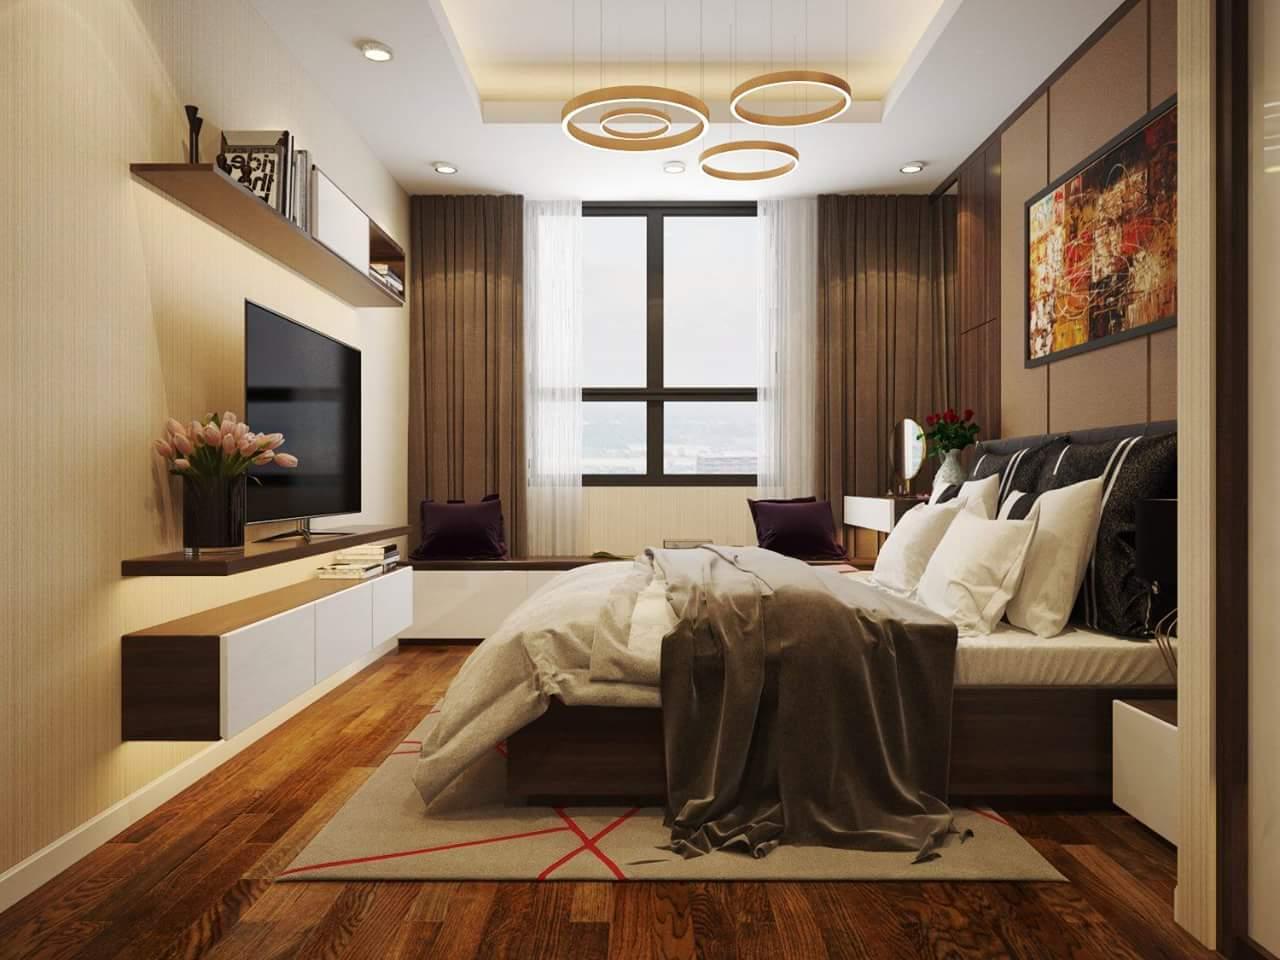 Ý tưởng thiết kế nội thất phòng ngủ diện tích 15m² với tổng chi phí 20 triệu đồng - Ảnh 5.